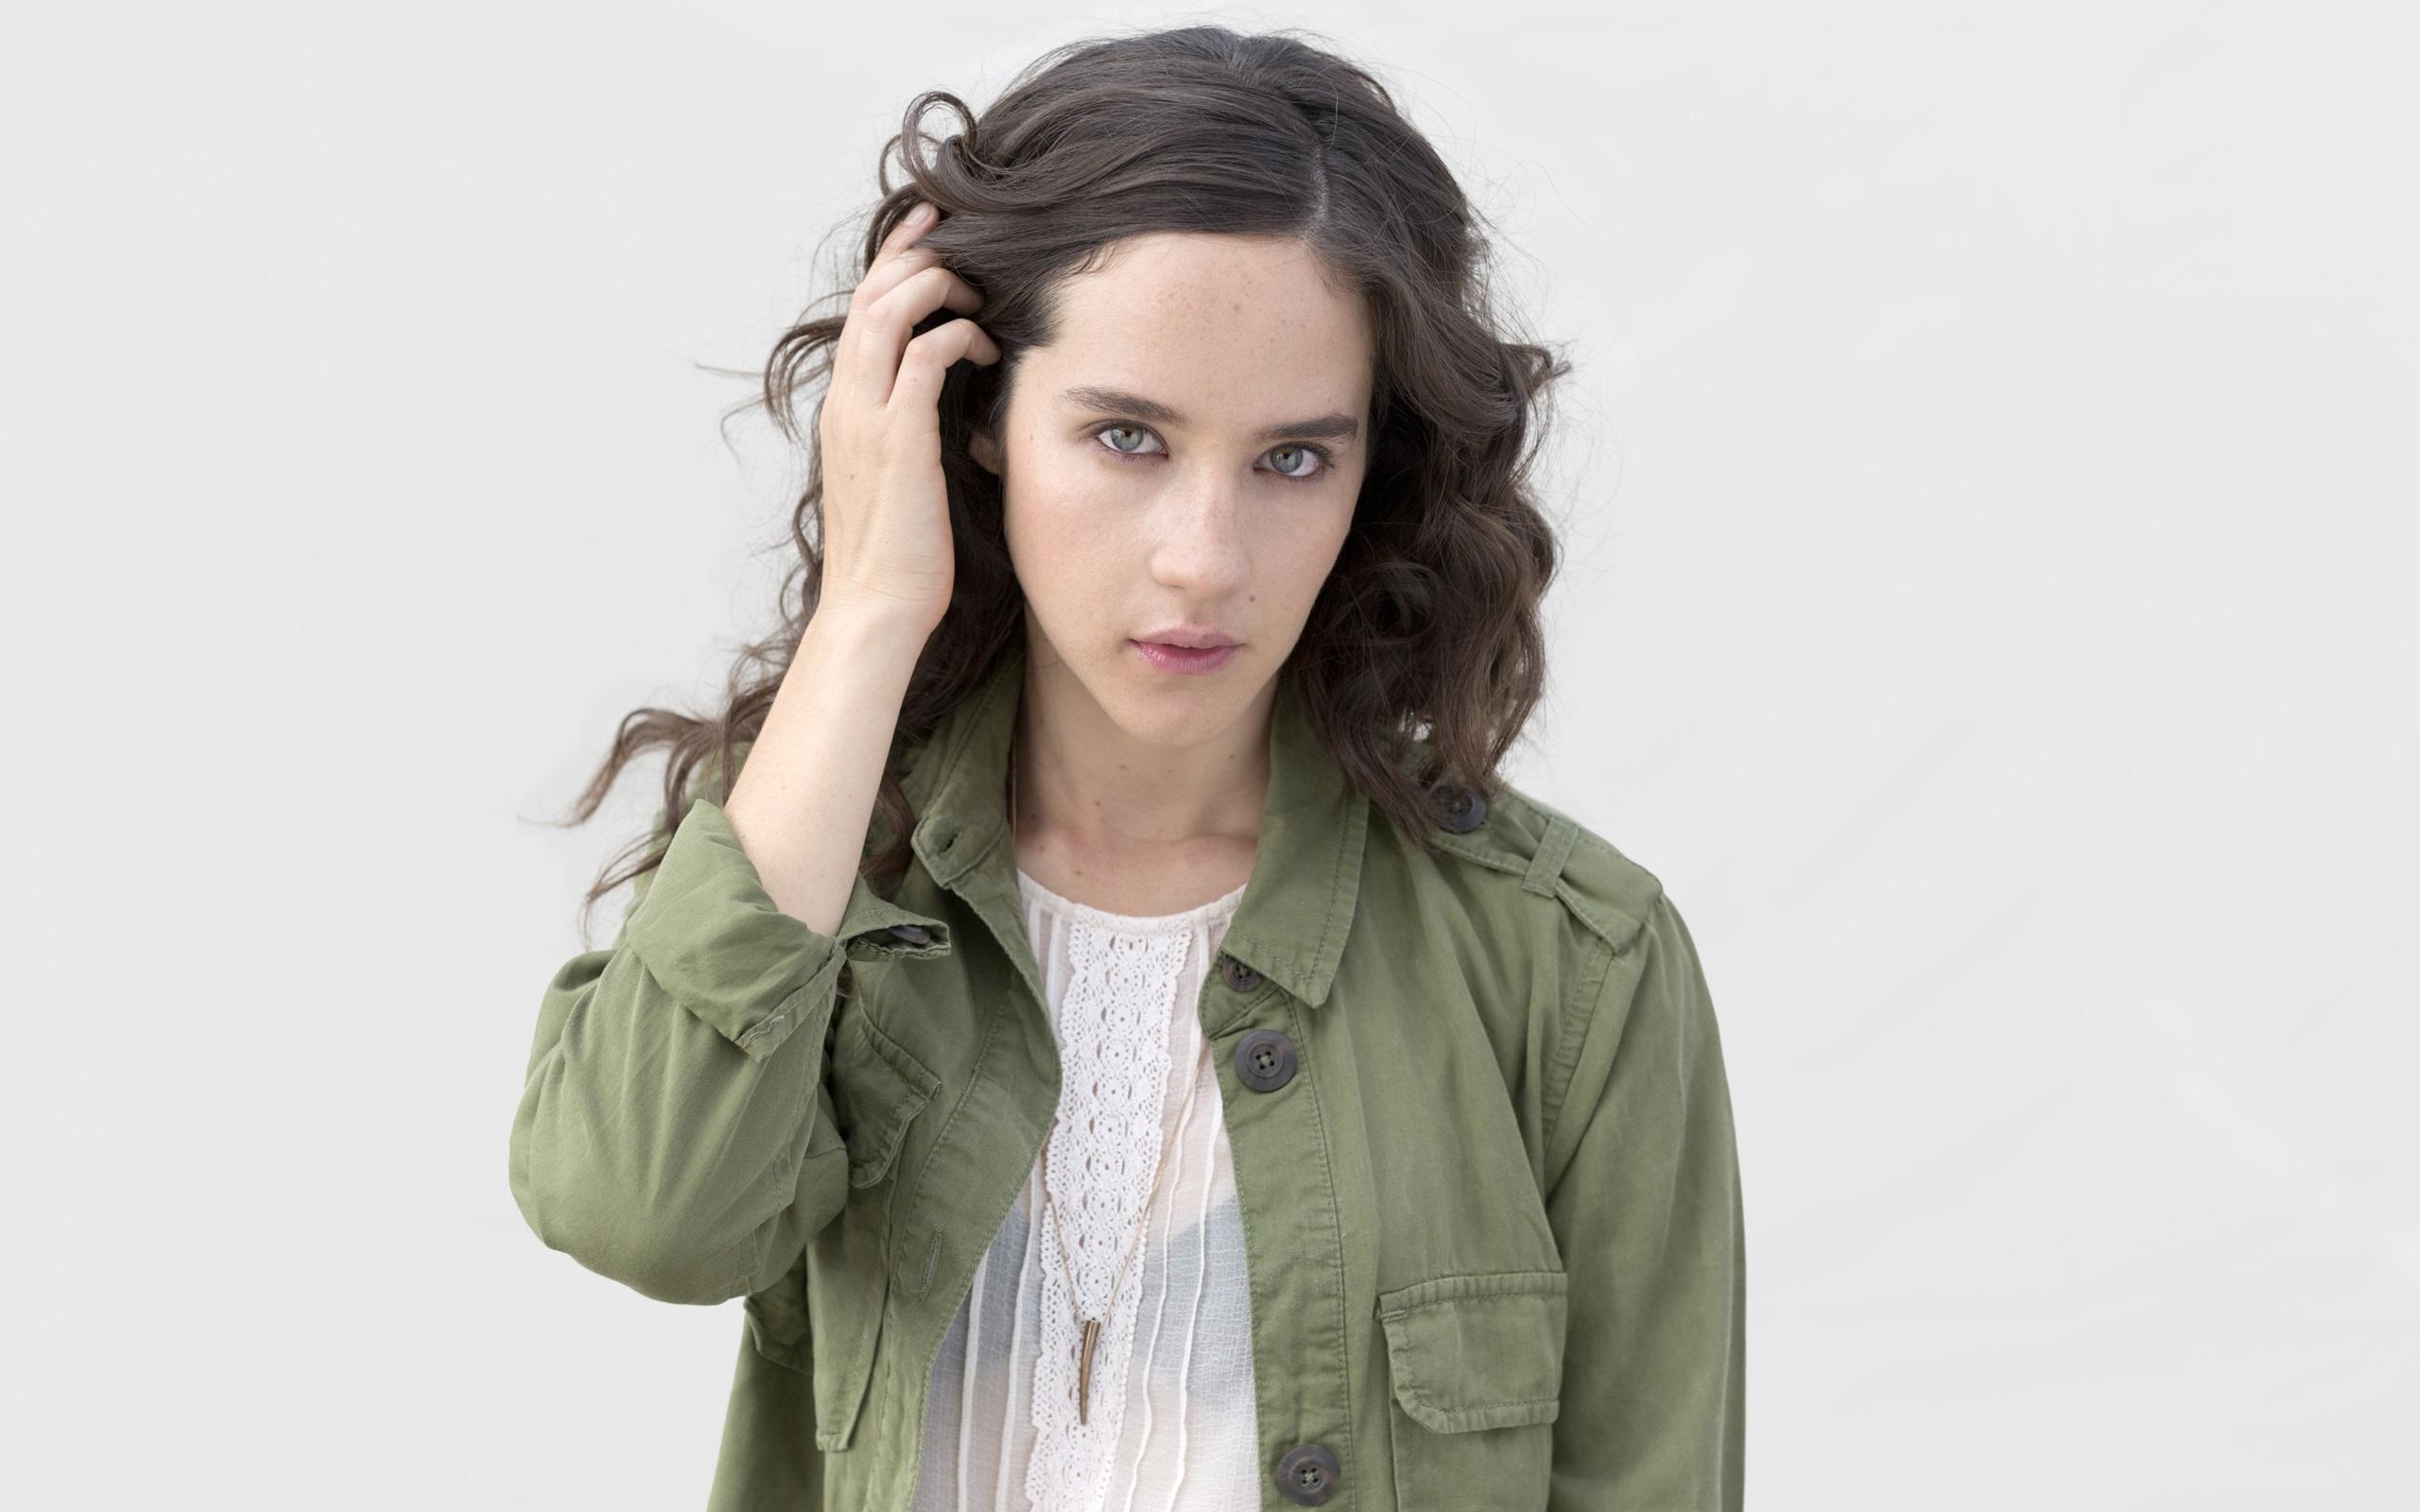 Ximena Sarinana